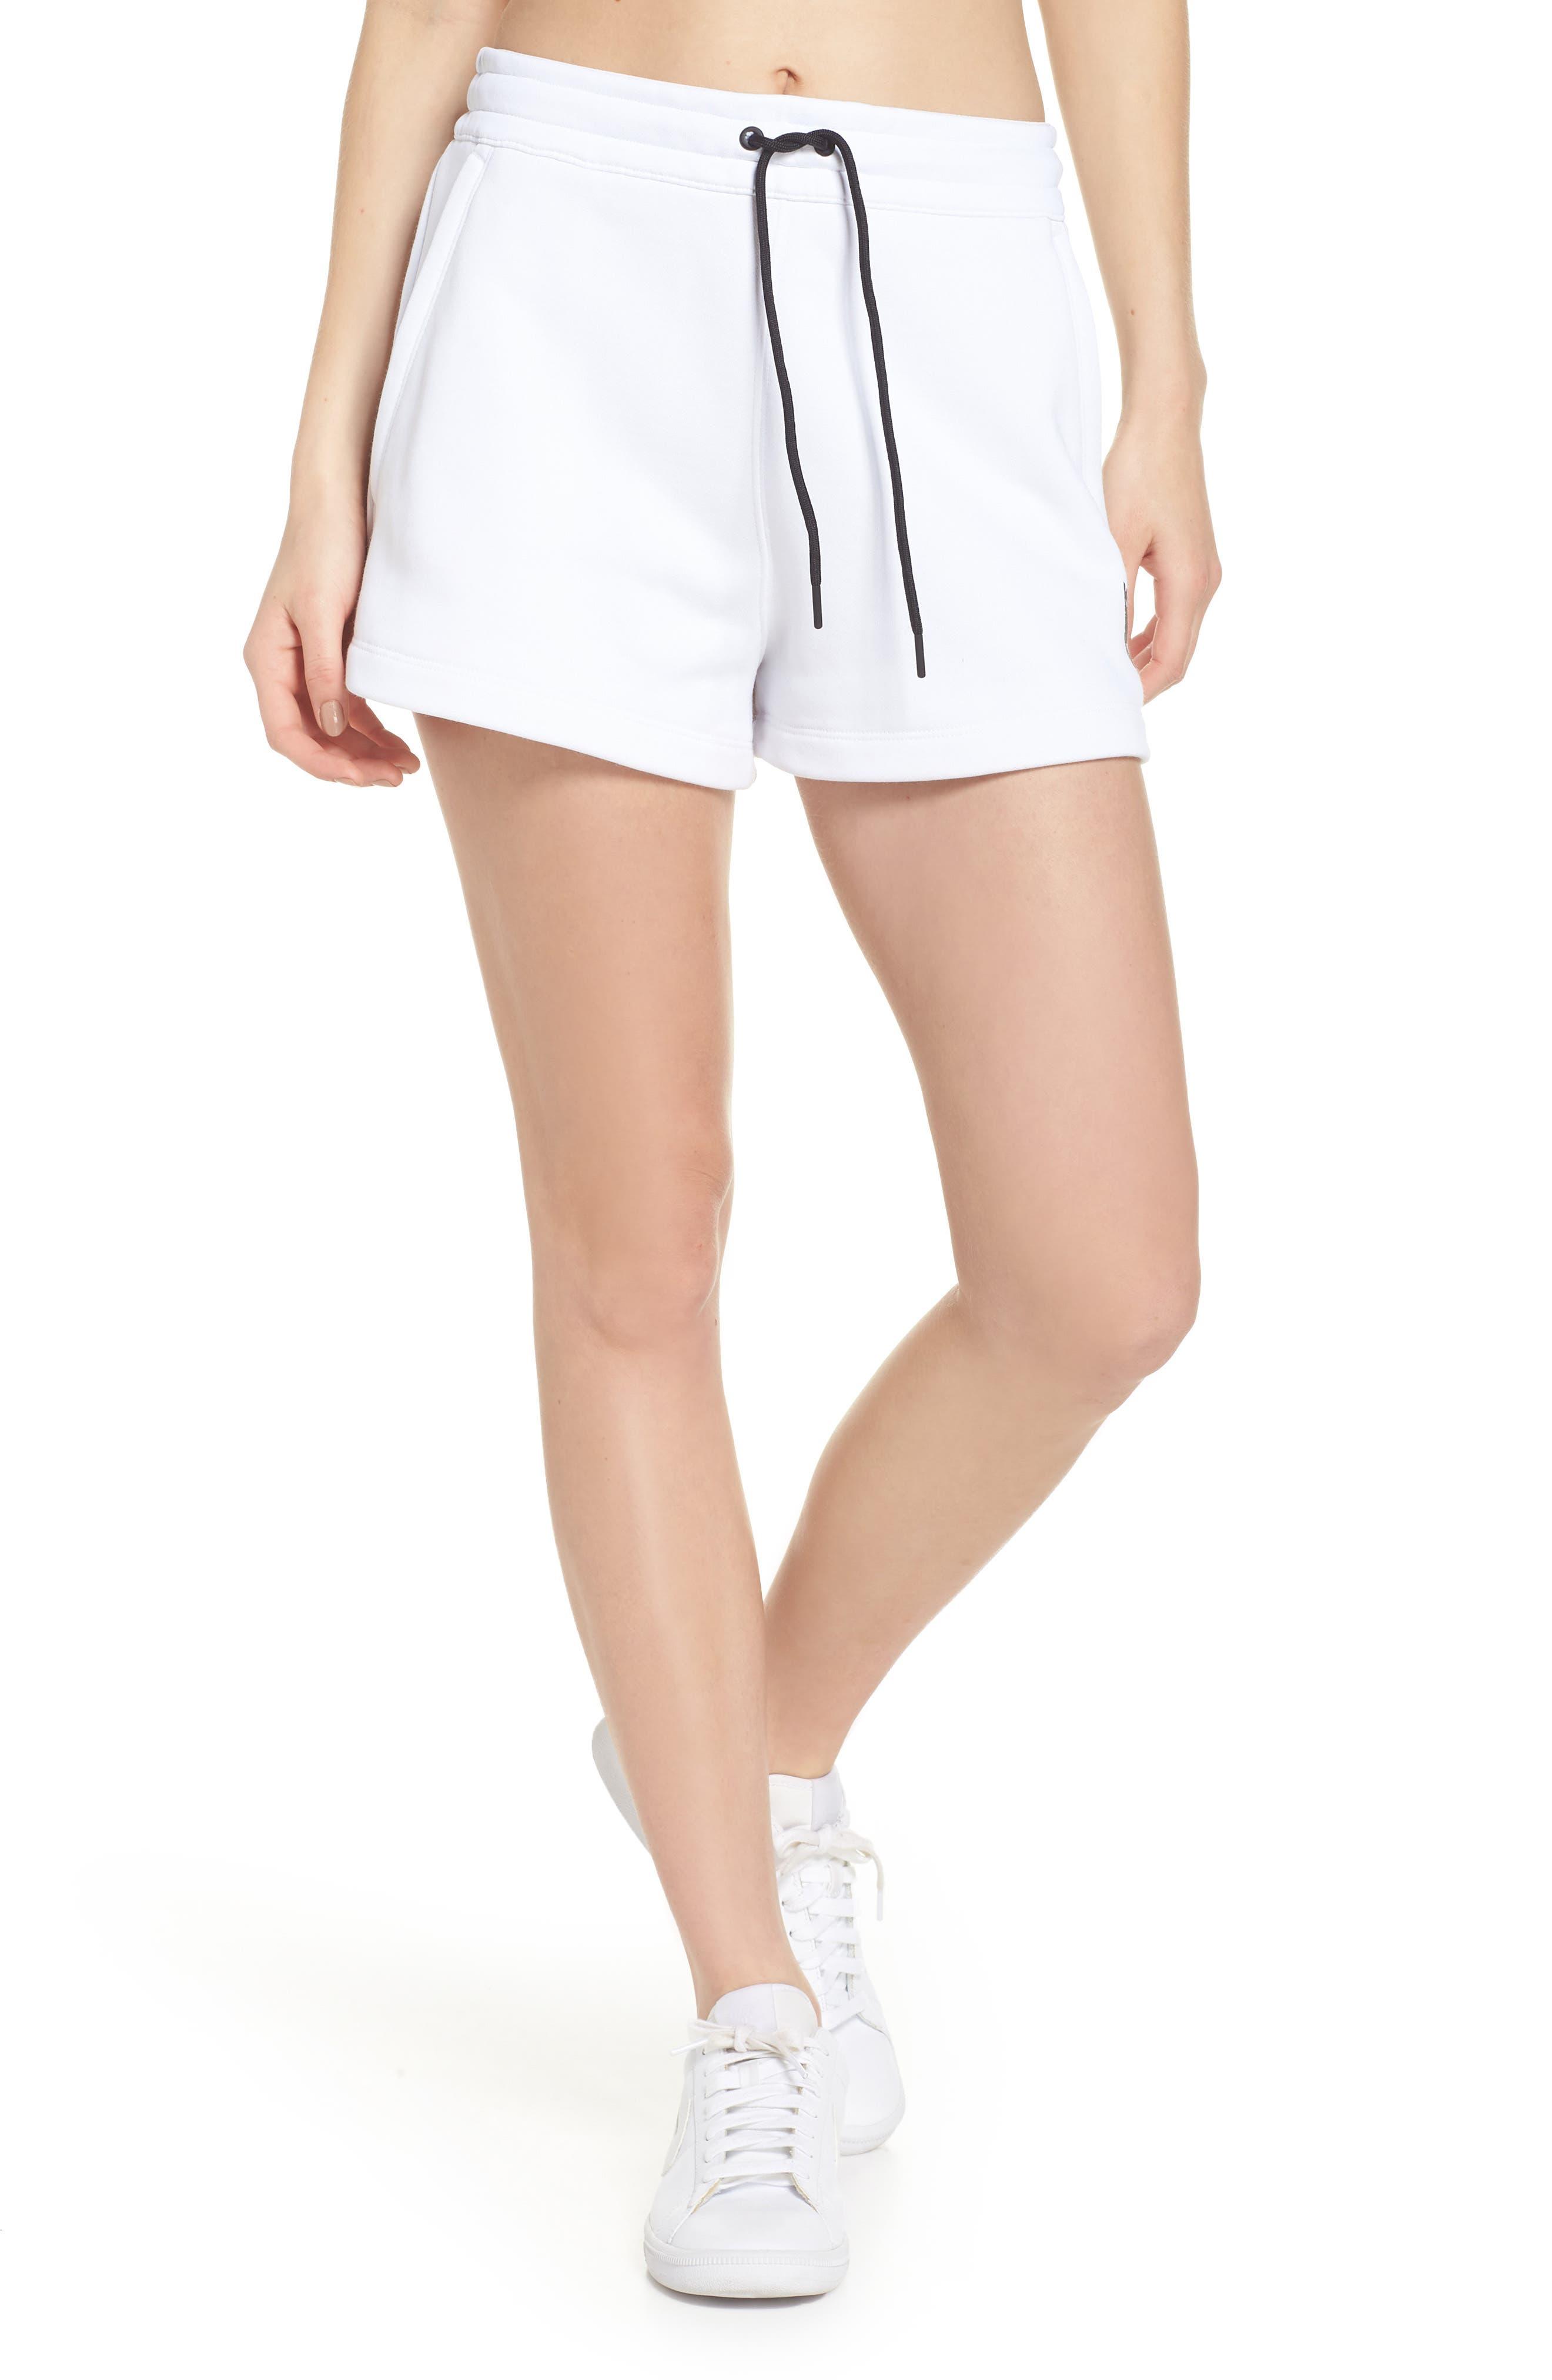 NikeLab Collection Women's Fleece Shorts,                         Main,                         color, 100